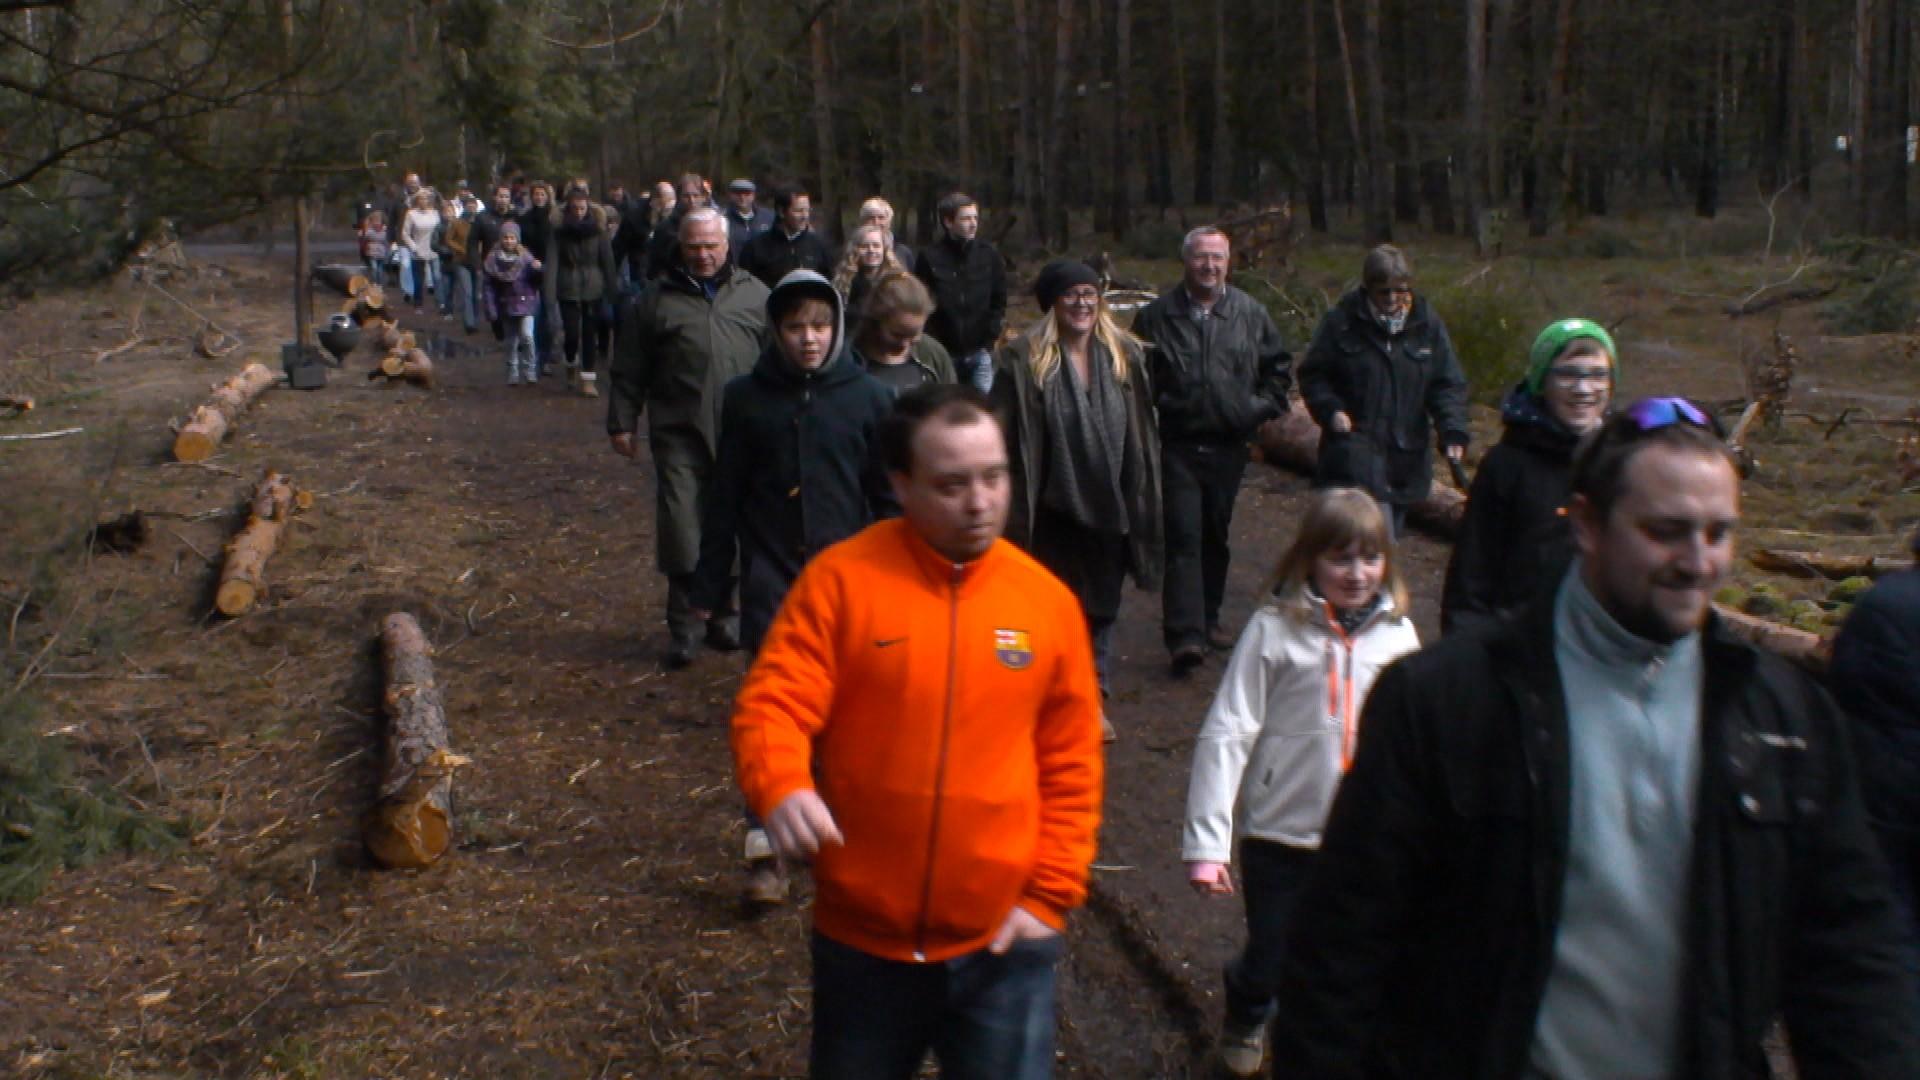 Ahnten nichts von der Diskussion: Zahlreiche Besucher kamen zum Osterbasar (Bild: SAT.1/Talpa)